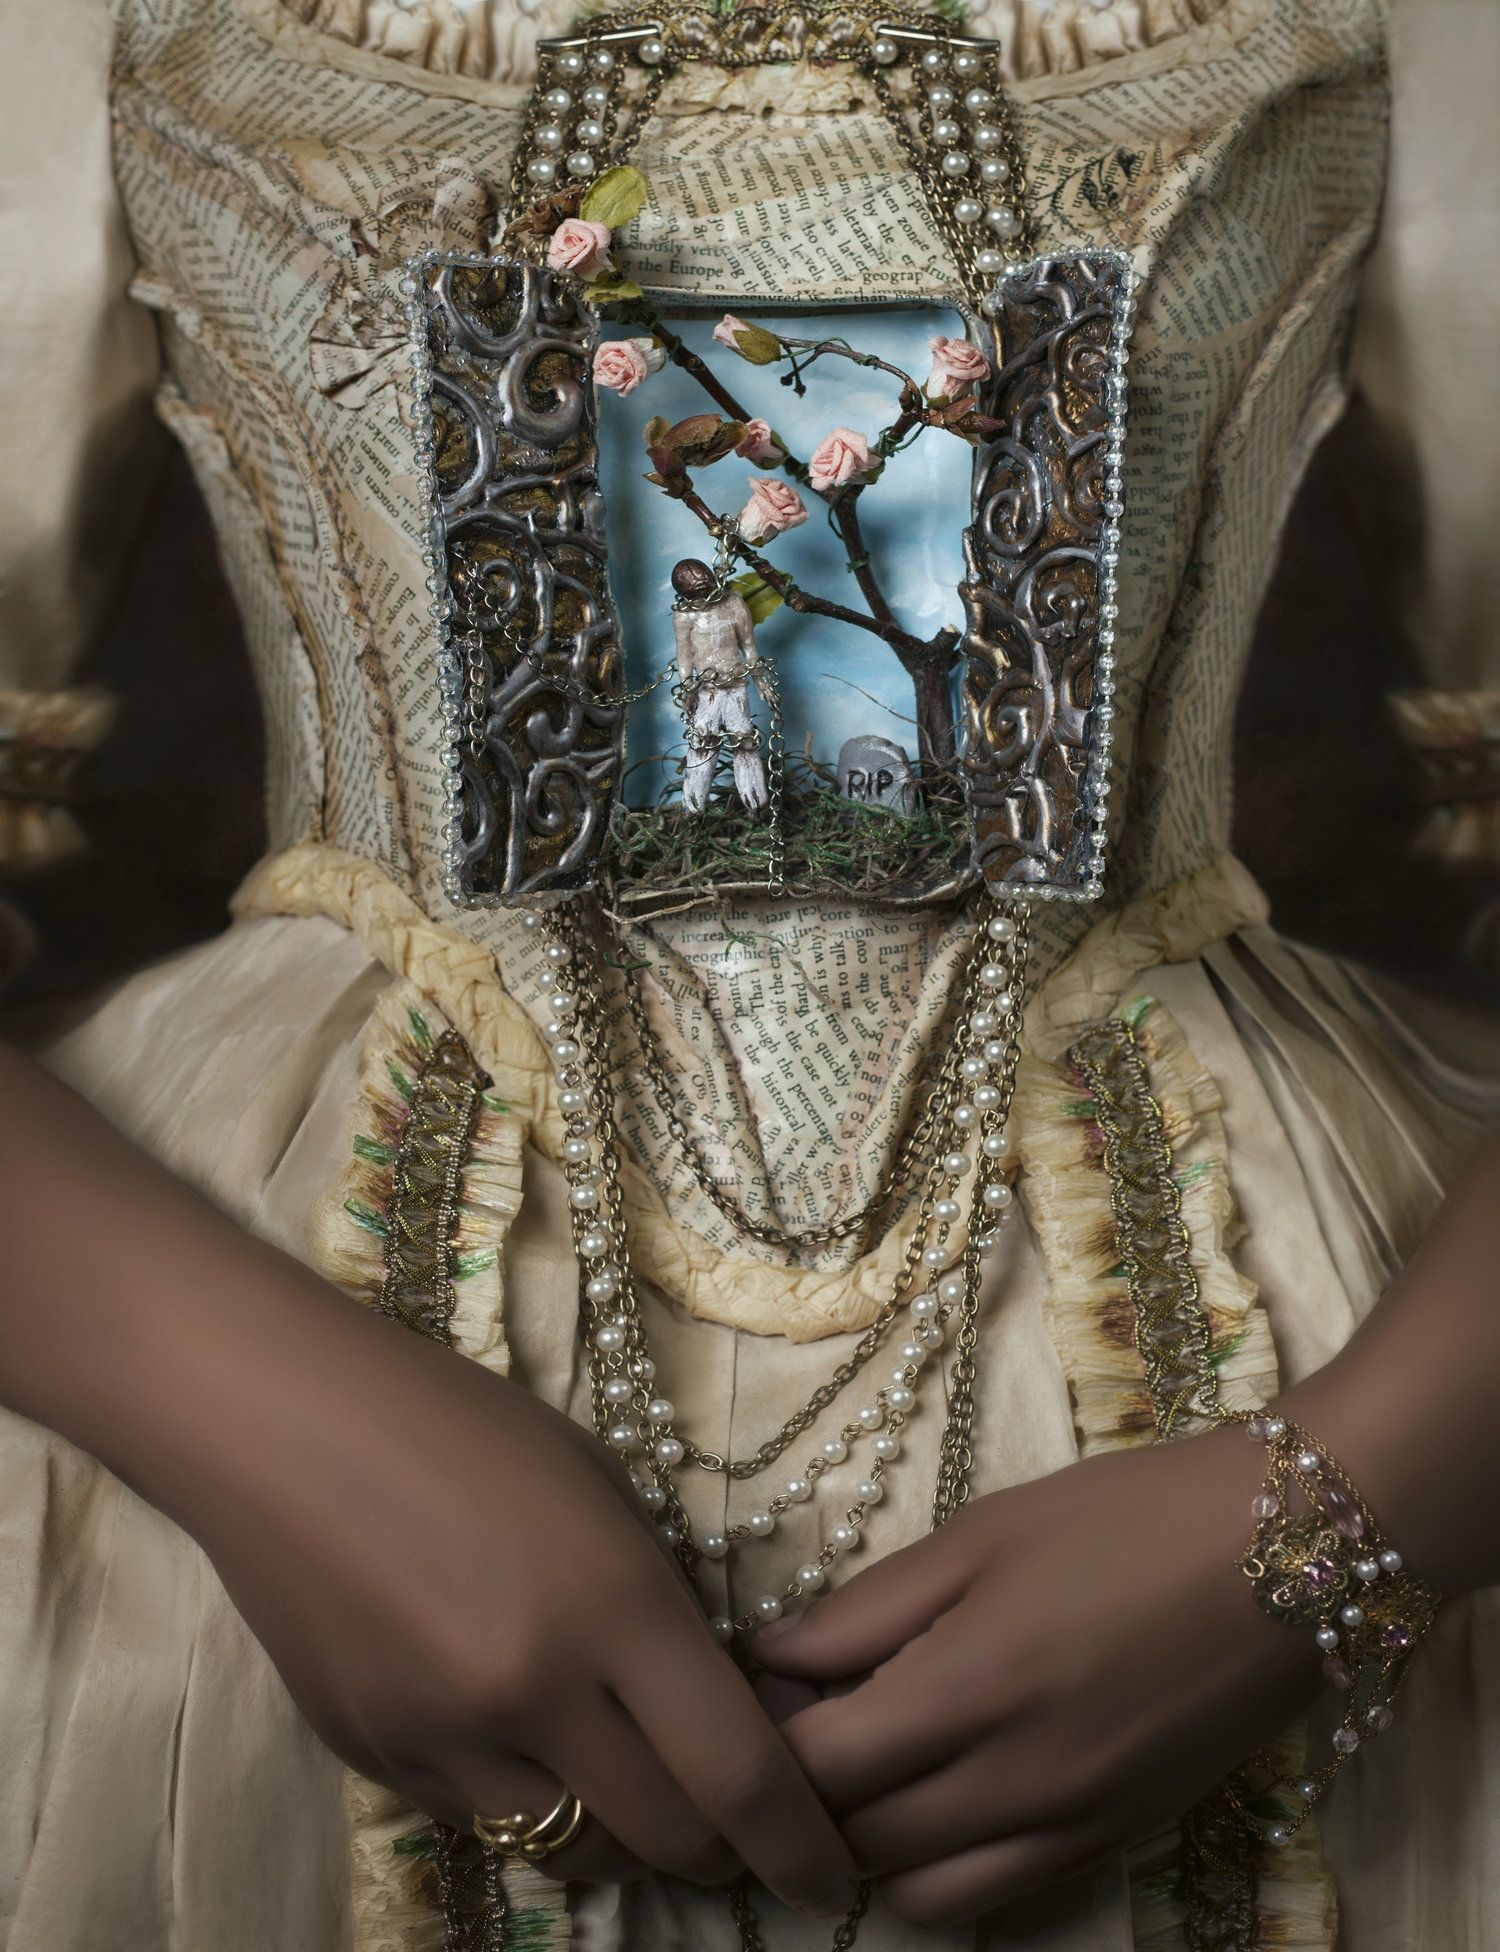 Image: 'Rest in Peace' by Fabiola Jean-Louis